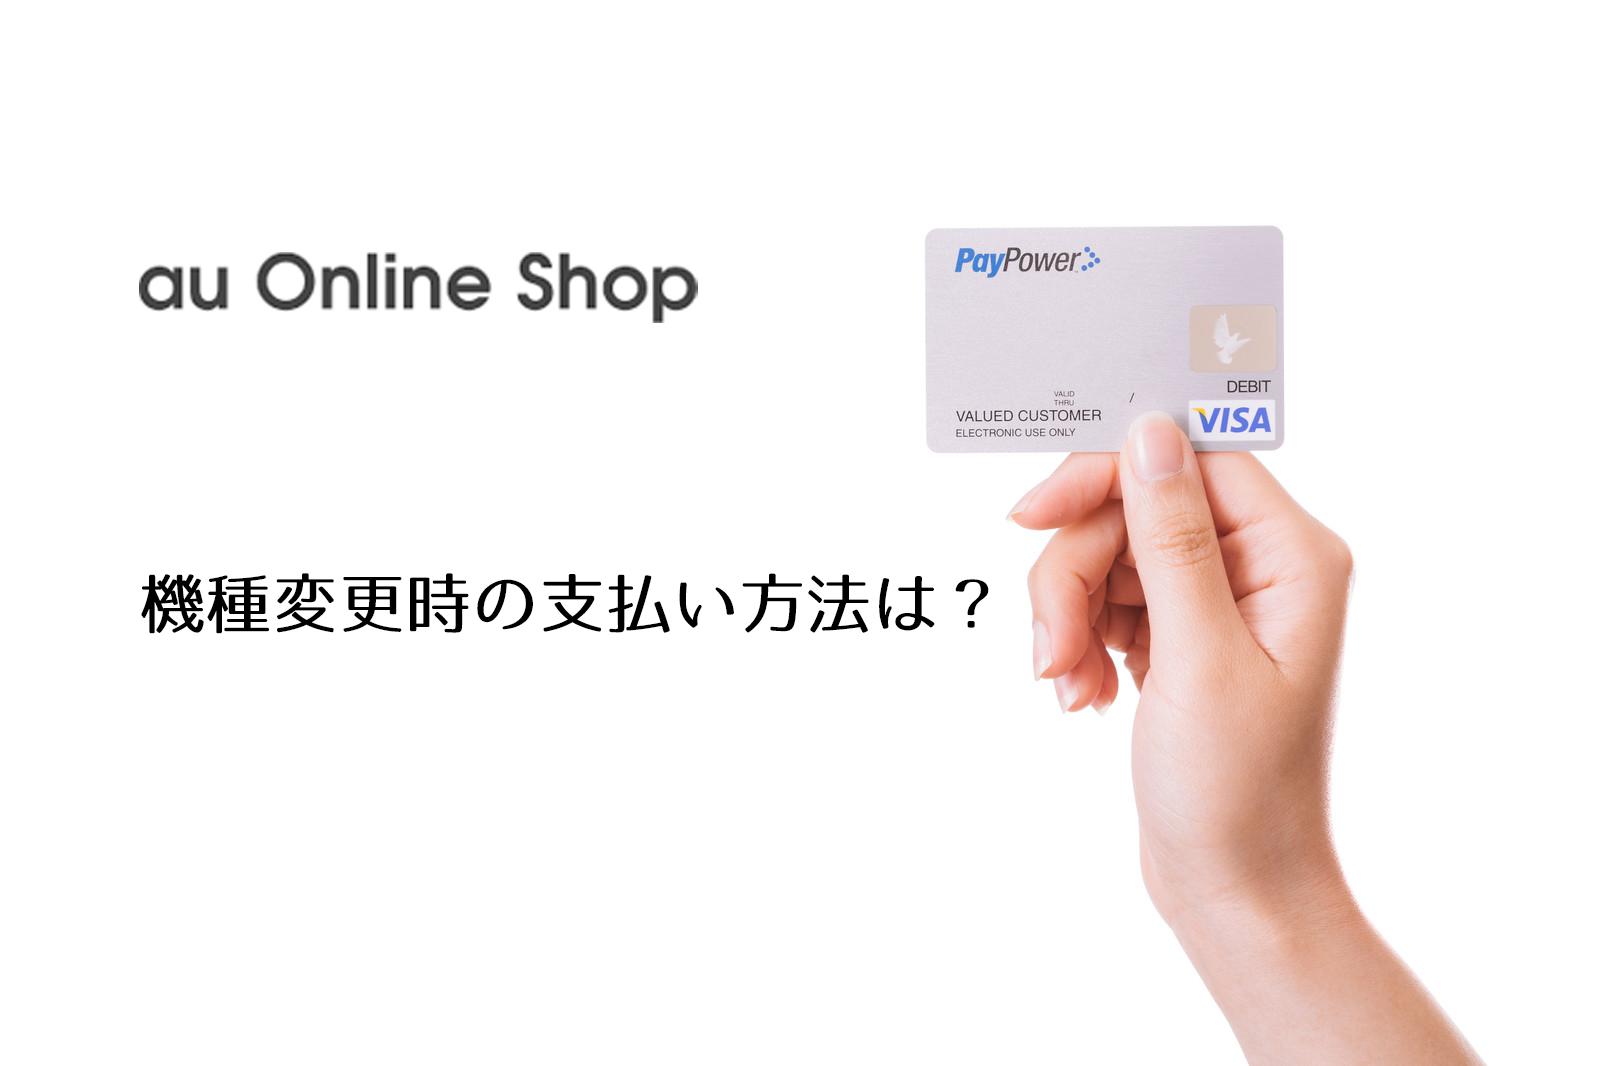 挿絵-クレジットカードを持つ手